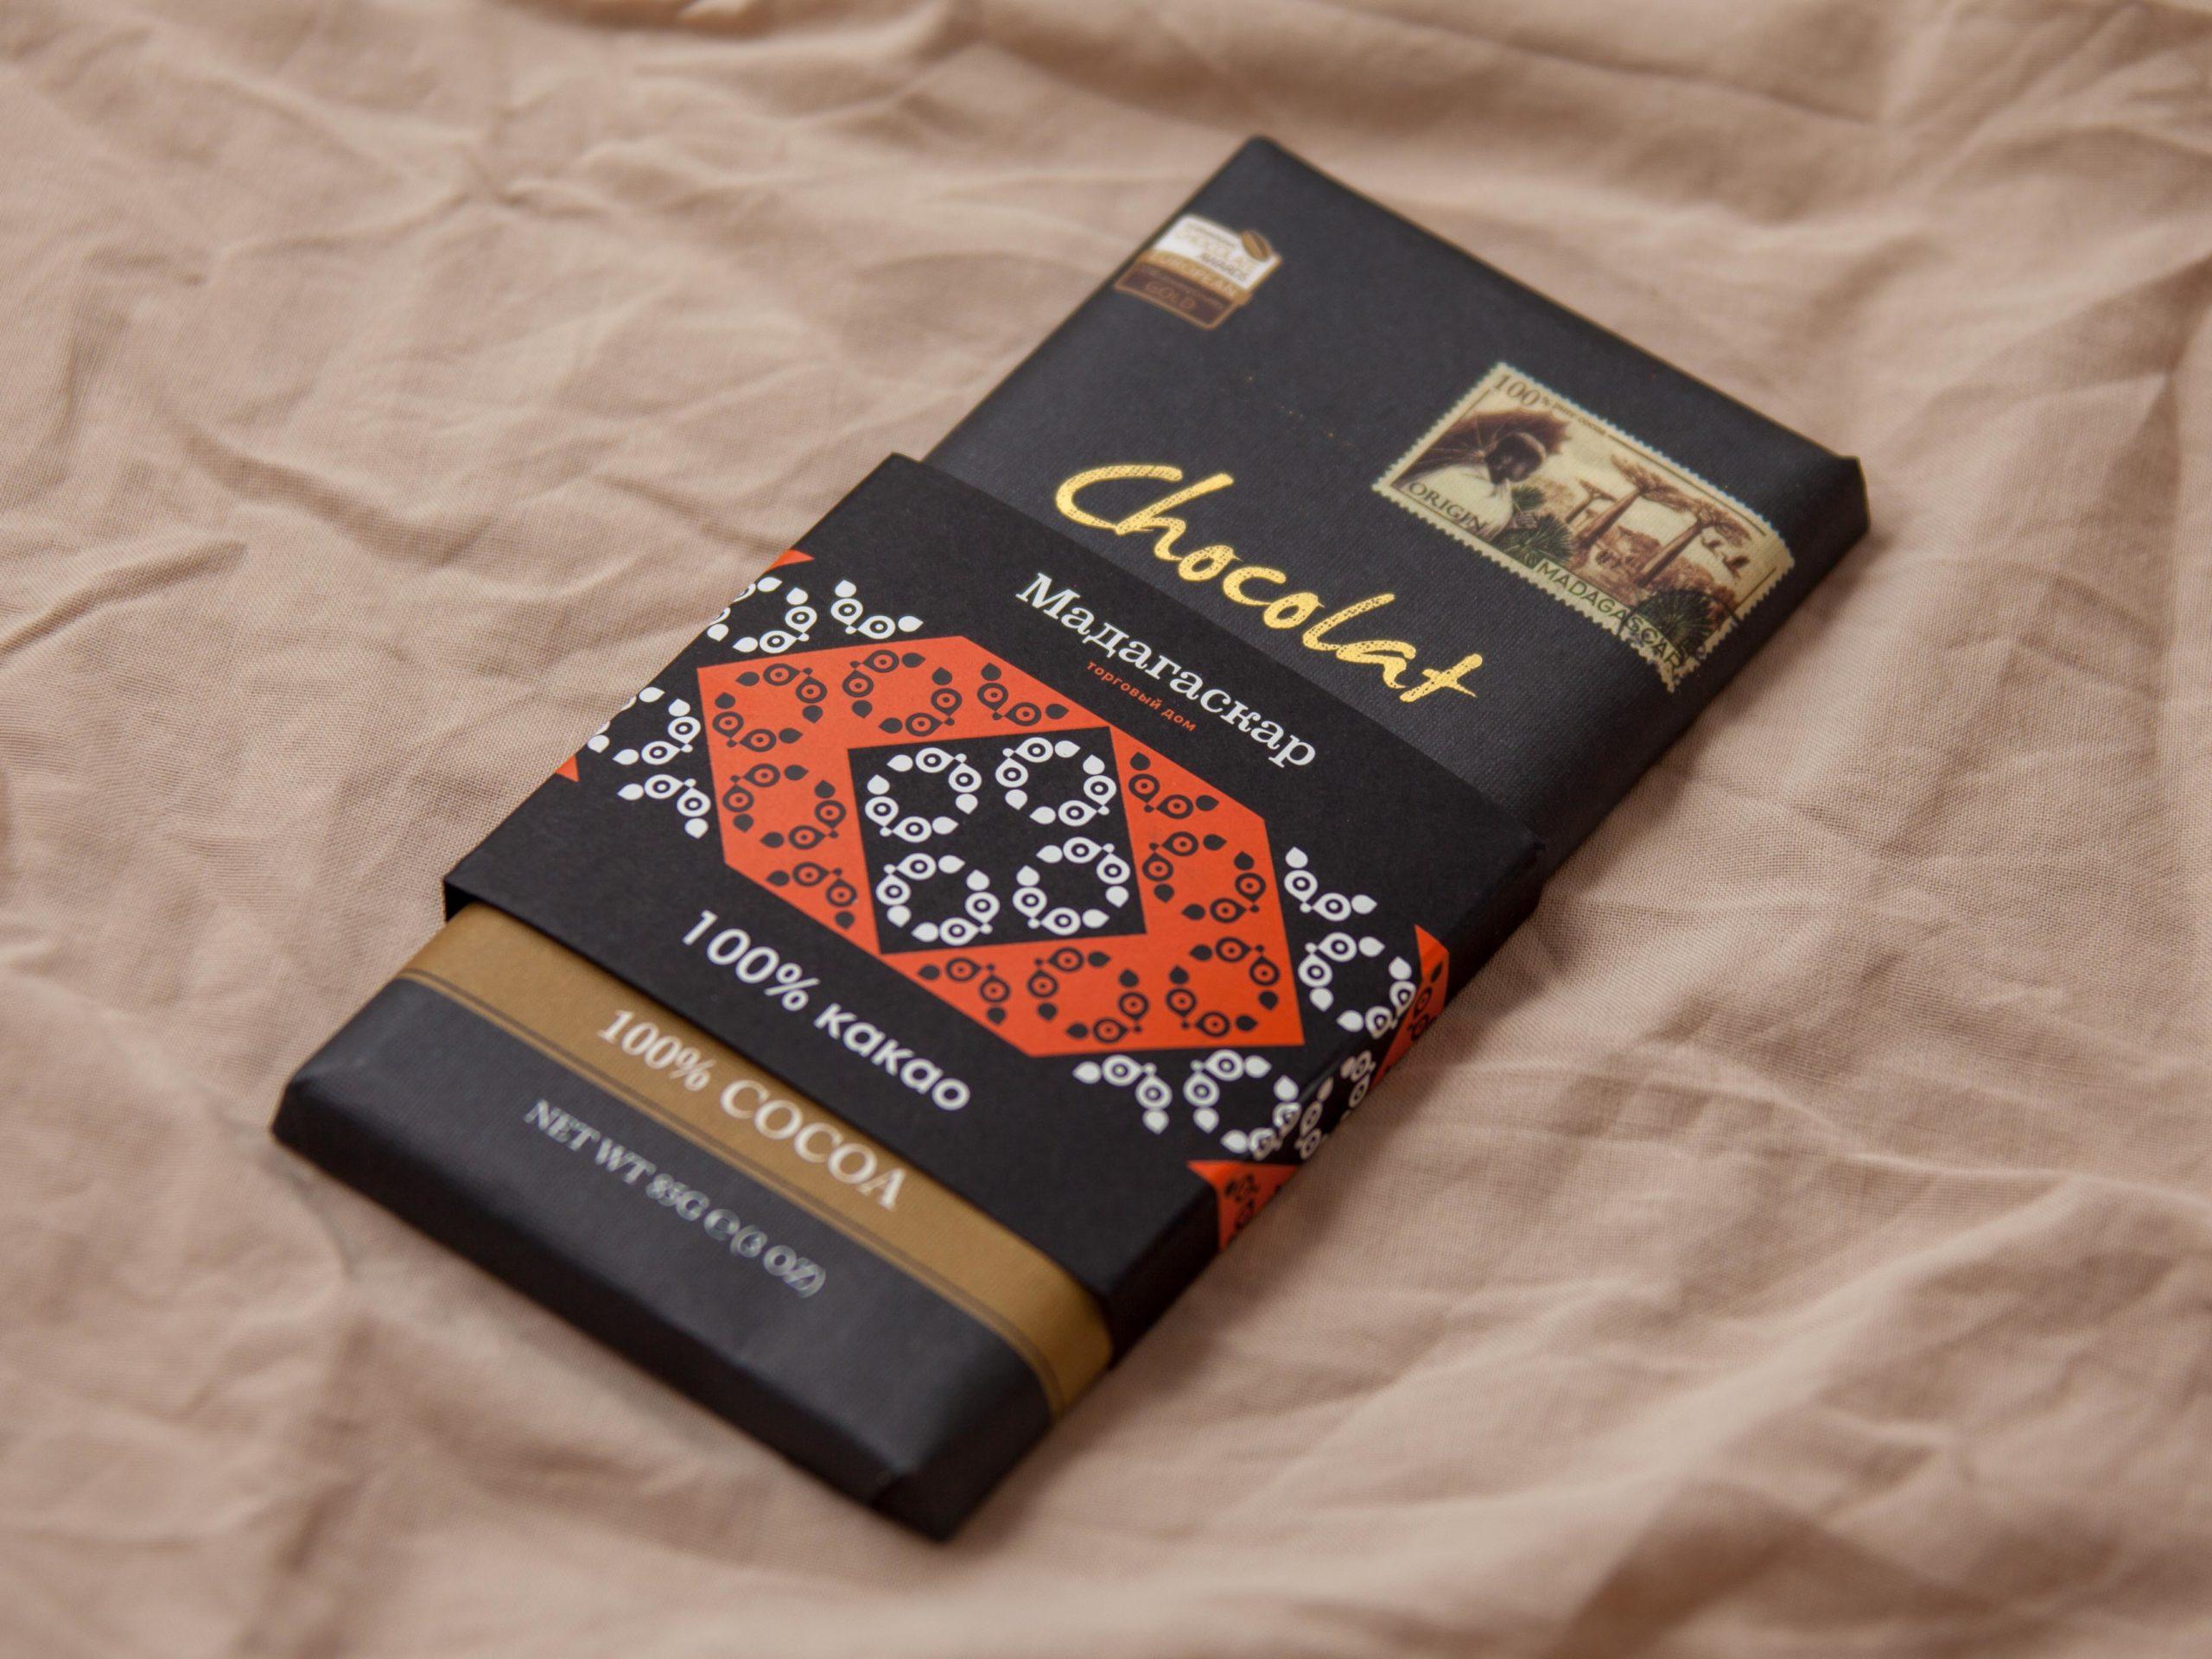 «Золотая коллекция» 100% шоколад